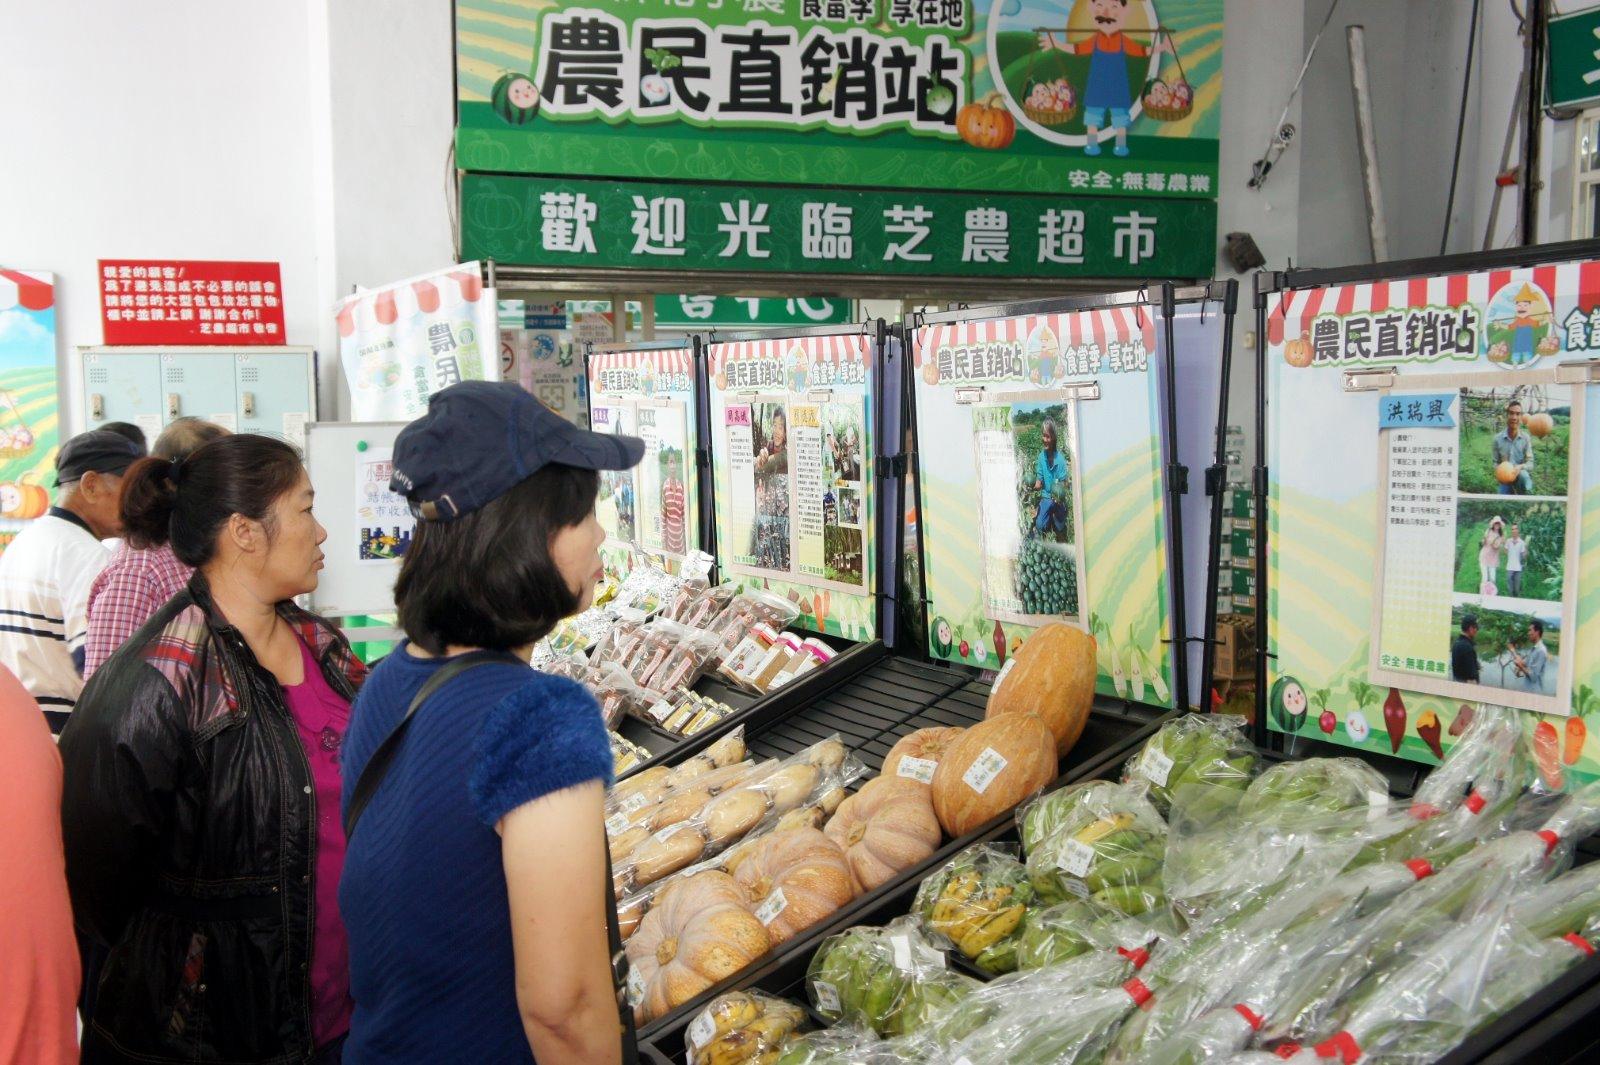 貨架不僅陳列小農生產蔬果,還設有看板宣傳小農故事理念。